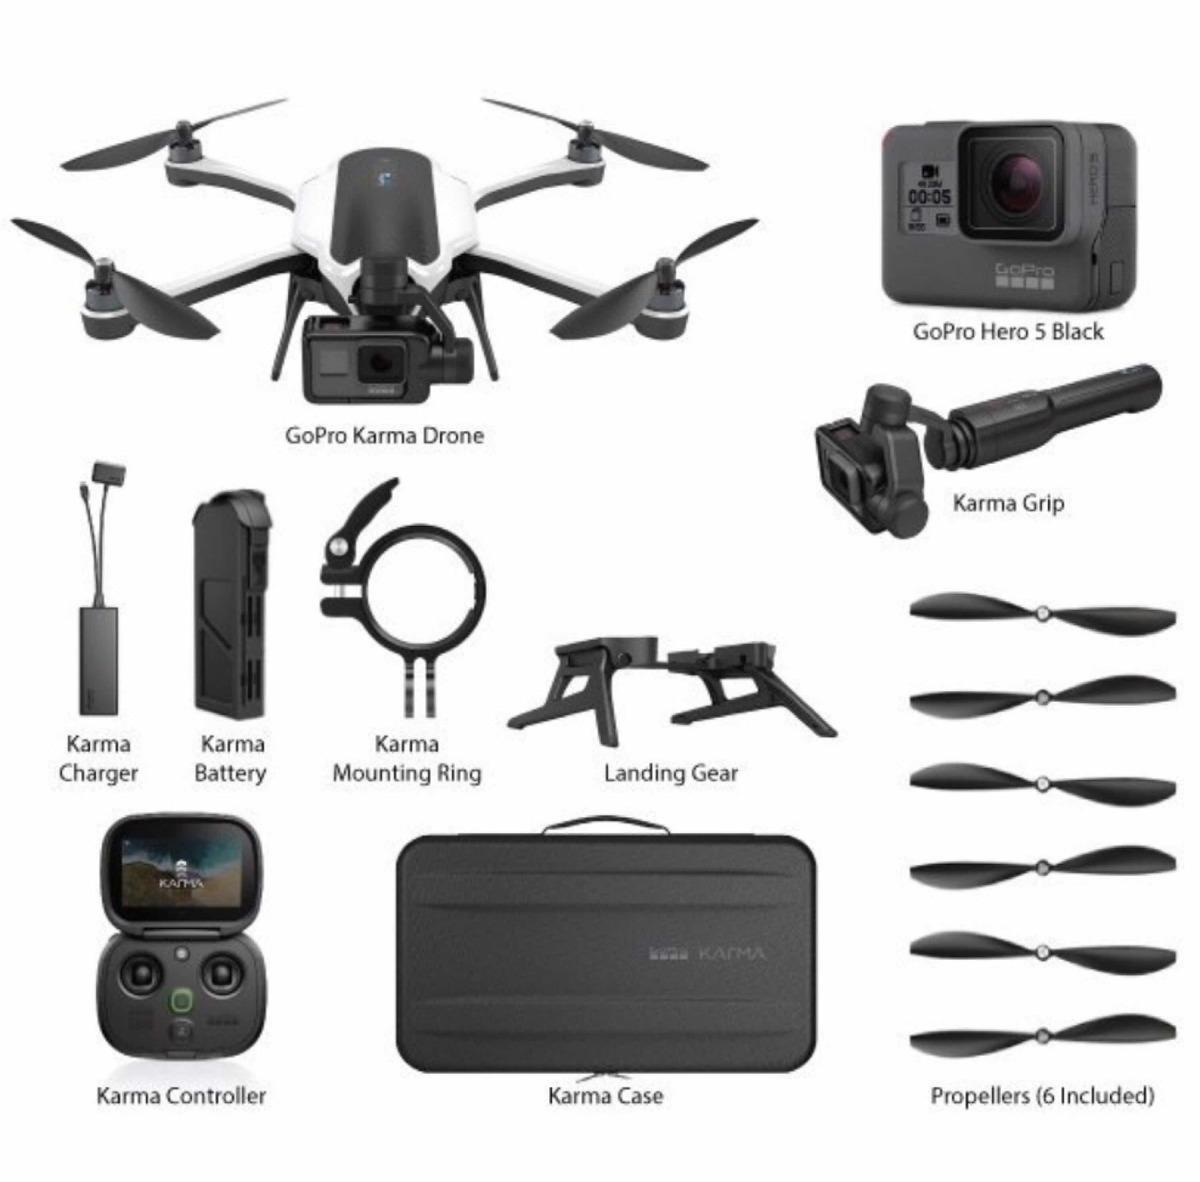 Mochila Drone Karma GoPro